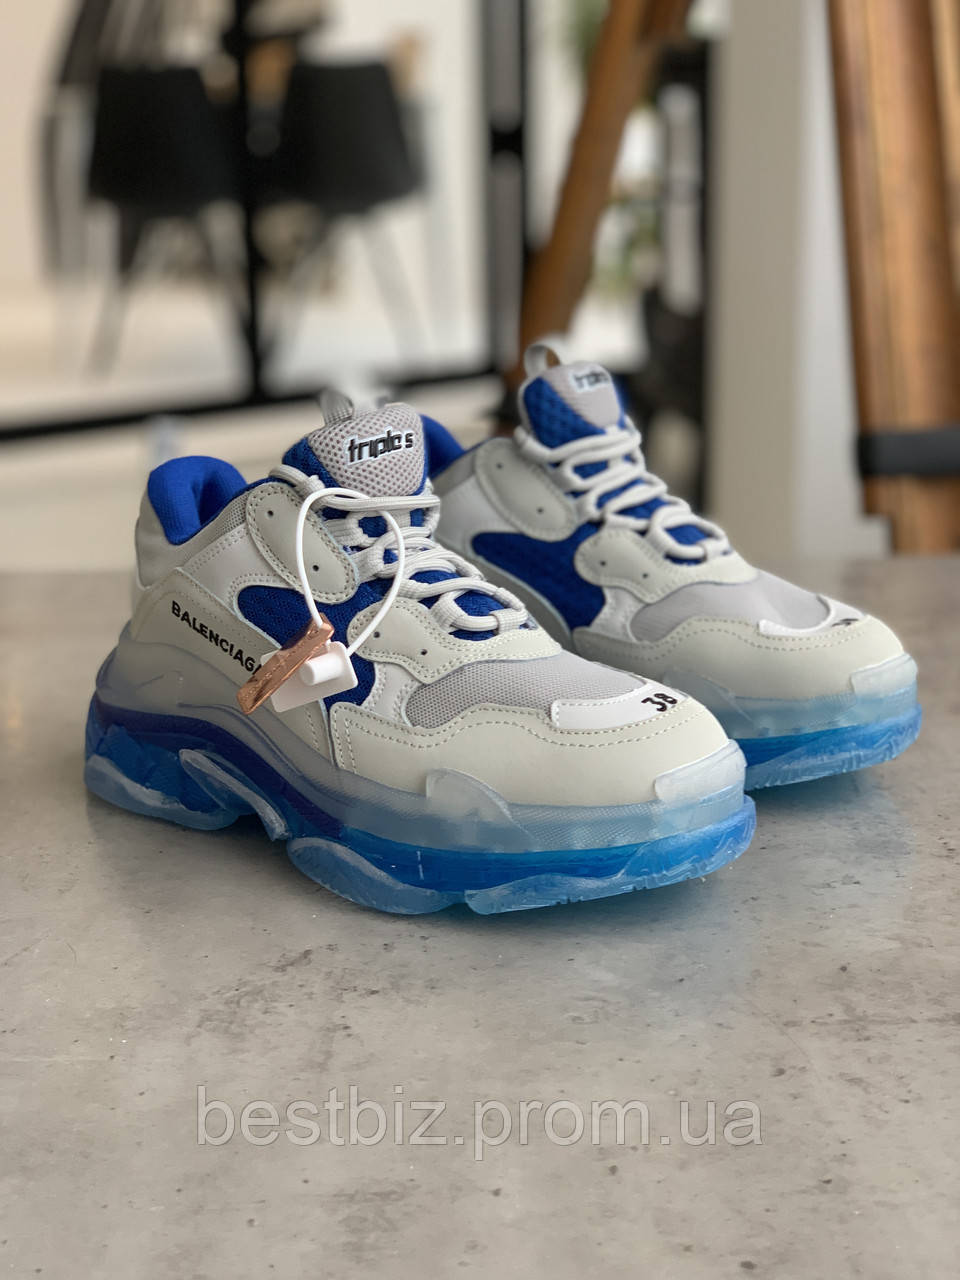 Кросівки Balenciaga Triple S White Blue Баленсіага Тріпл З Біло-Сині (37,38,40)